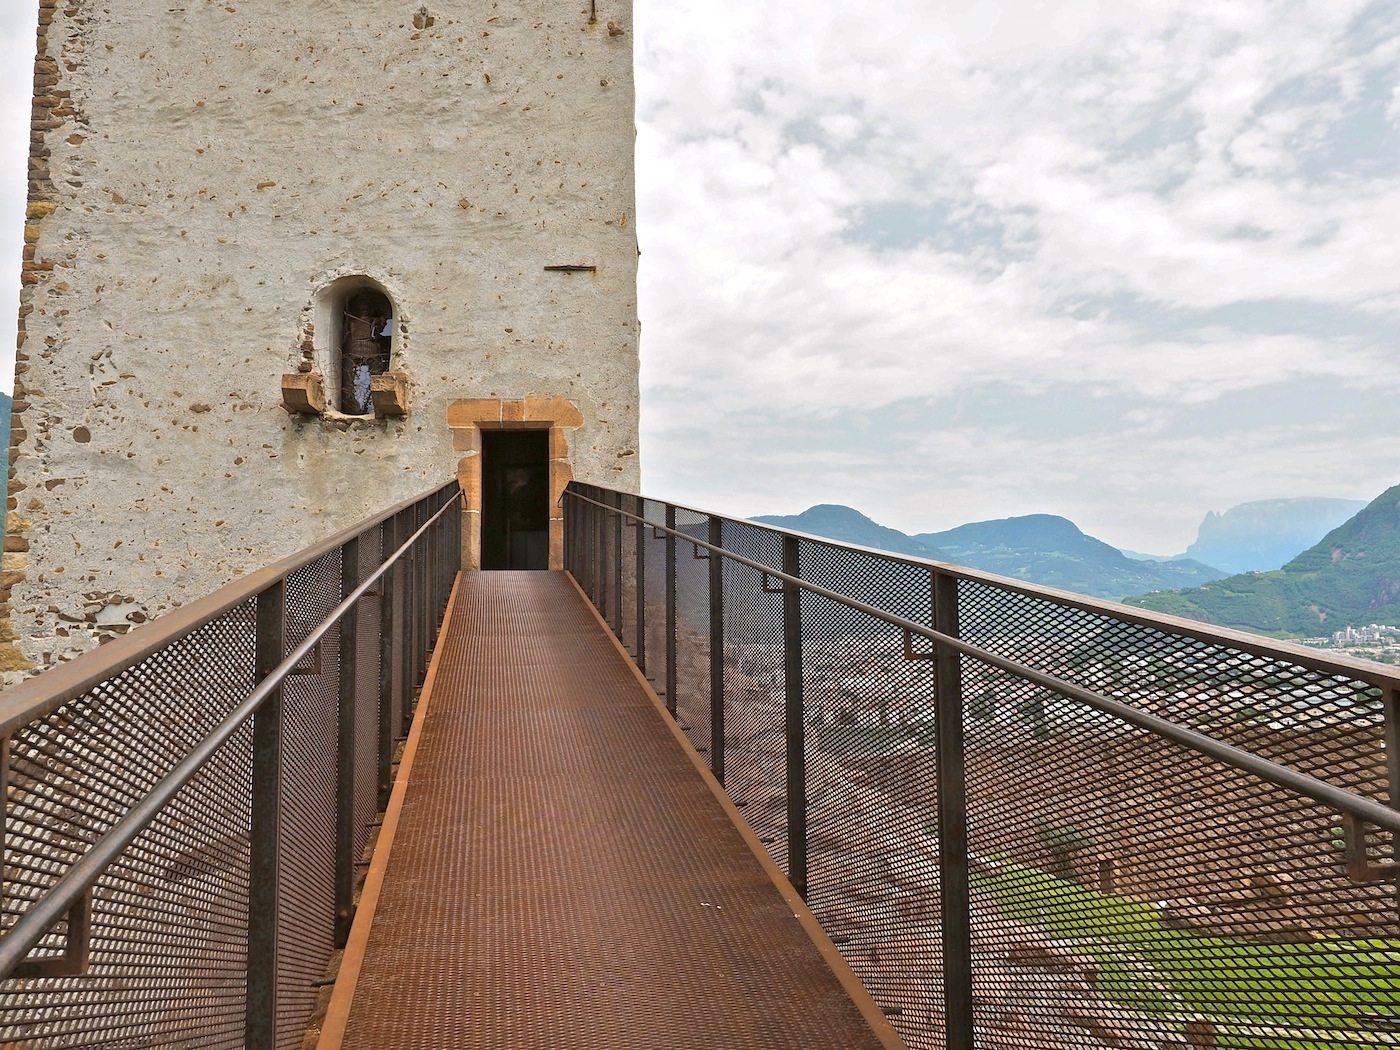 Stege und Brücken.. Gitter aus Streckmetall verleihen den weitläufigen Verbindungen zwischen den Ausstellungsorten eine leichtgewichtige Transparenz.